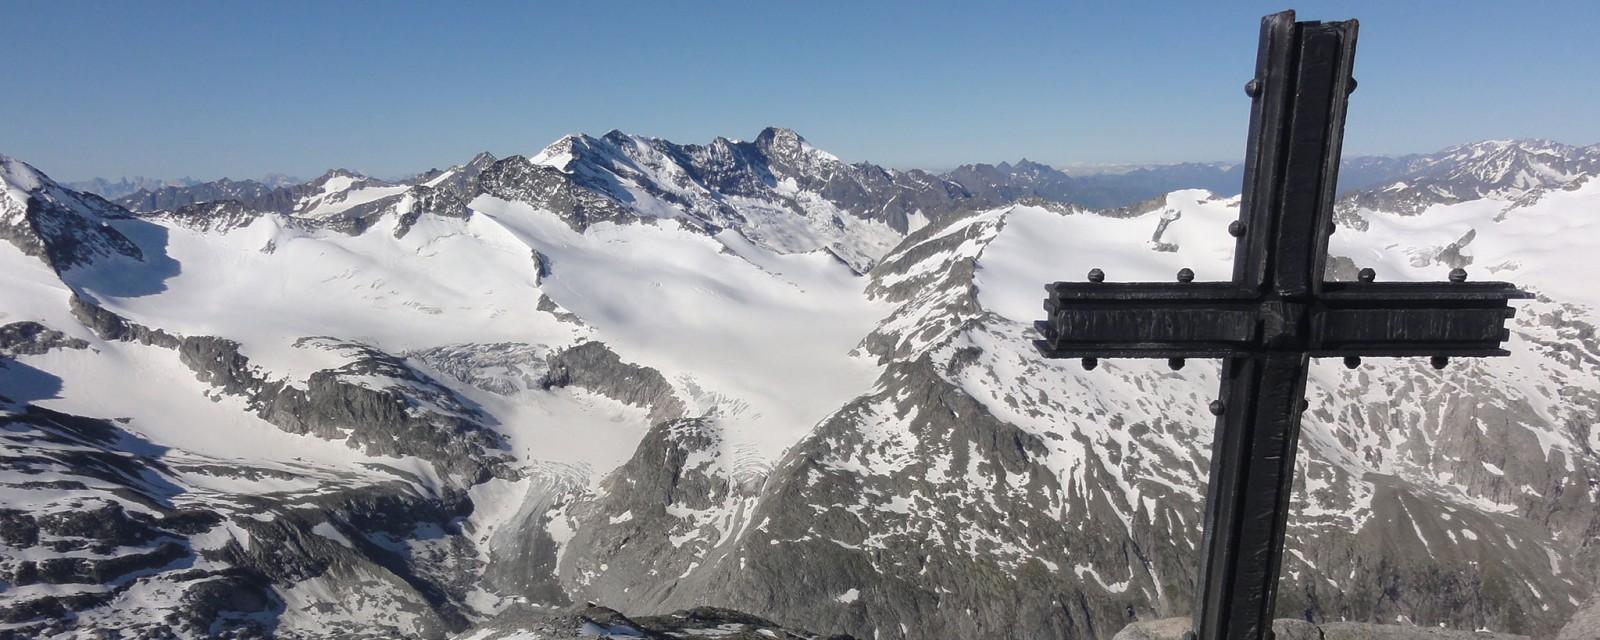 Arnoweg: Die Keesberge in den Hohen Tauern